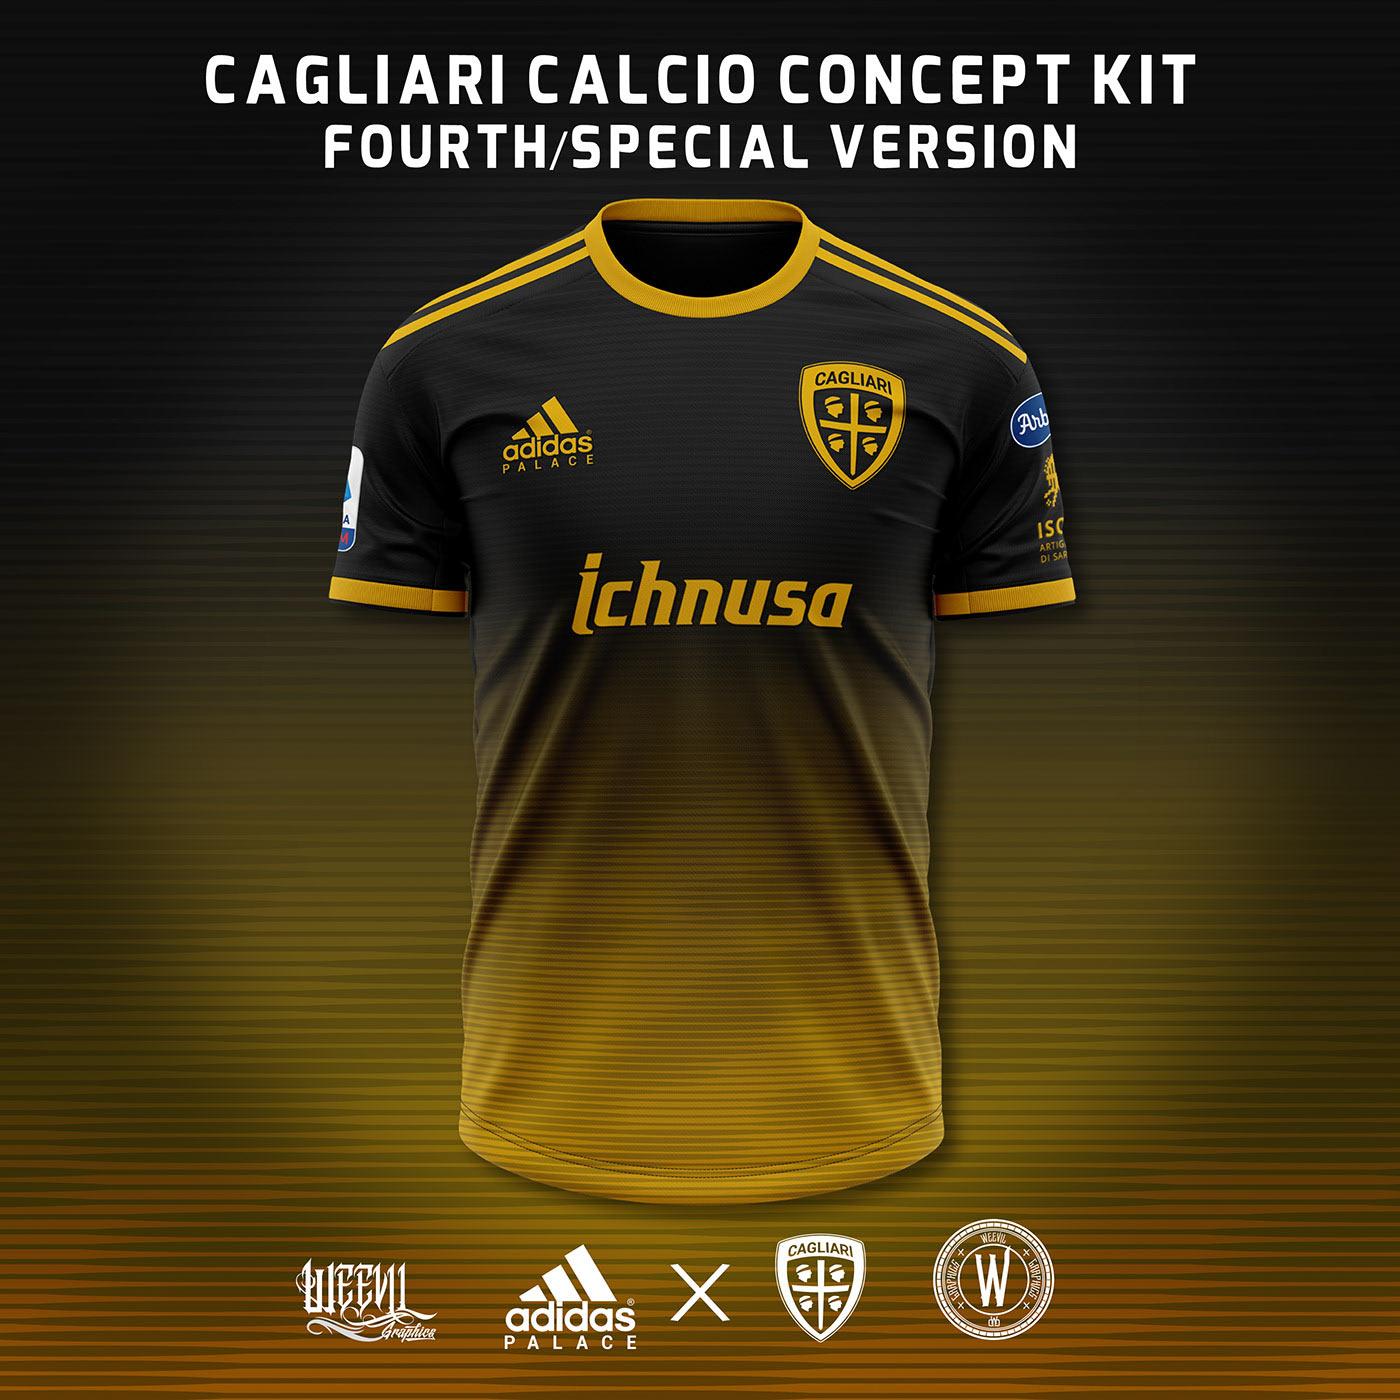 Cagliari-Adidas, ecco come potrebbero essere le nuove maglie